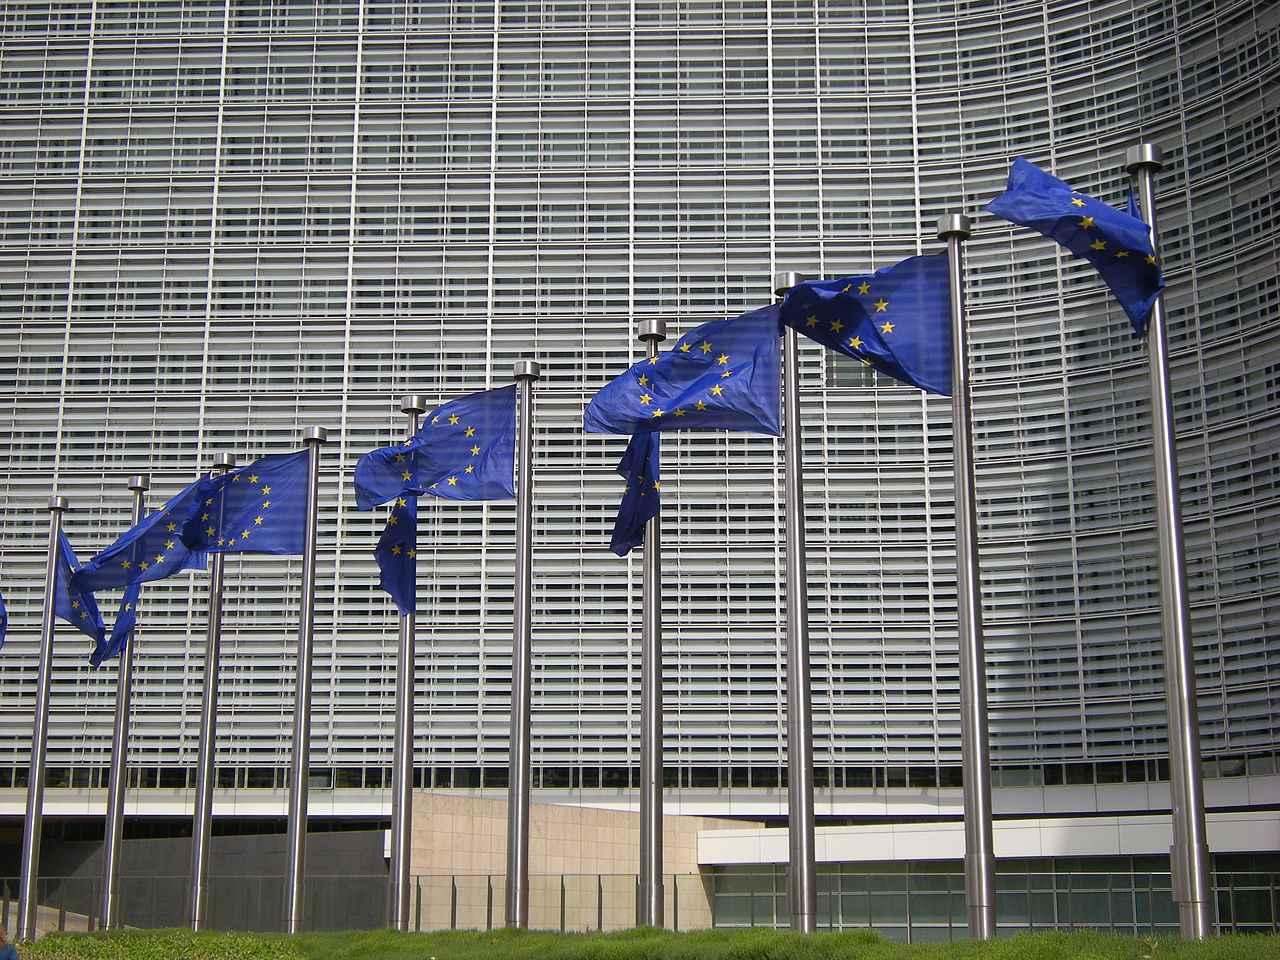 Bandeiras na sede da Comissão Européia, em Bruxelas, na Bélgica: